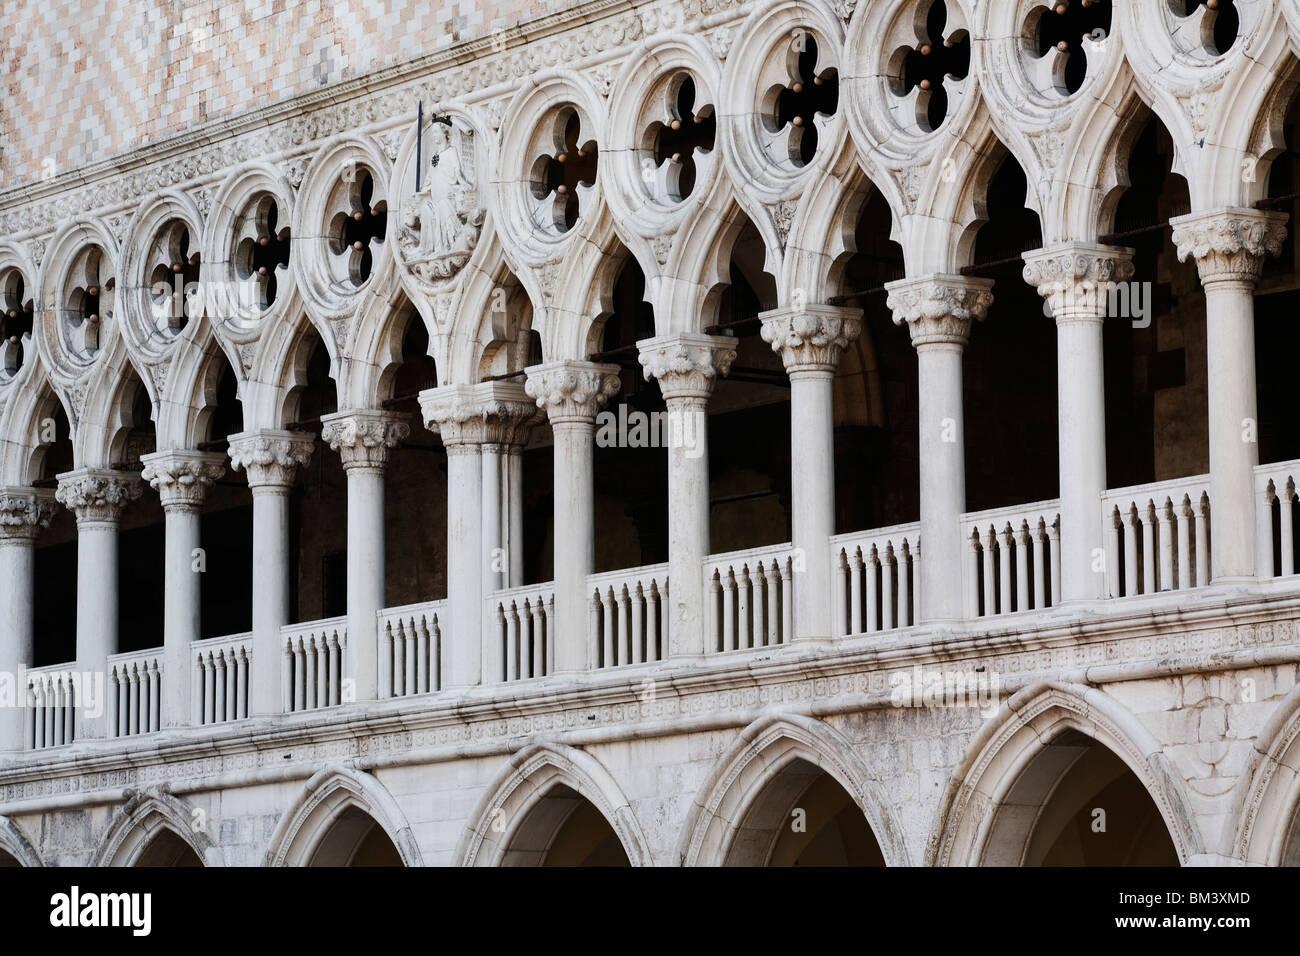 Venezia - Palazzo Ducale - Palazzo ducale - la mostra close up di architettura gotica Immagini Stock